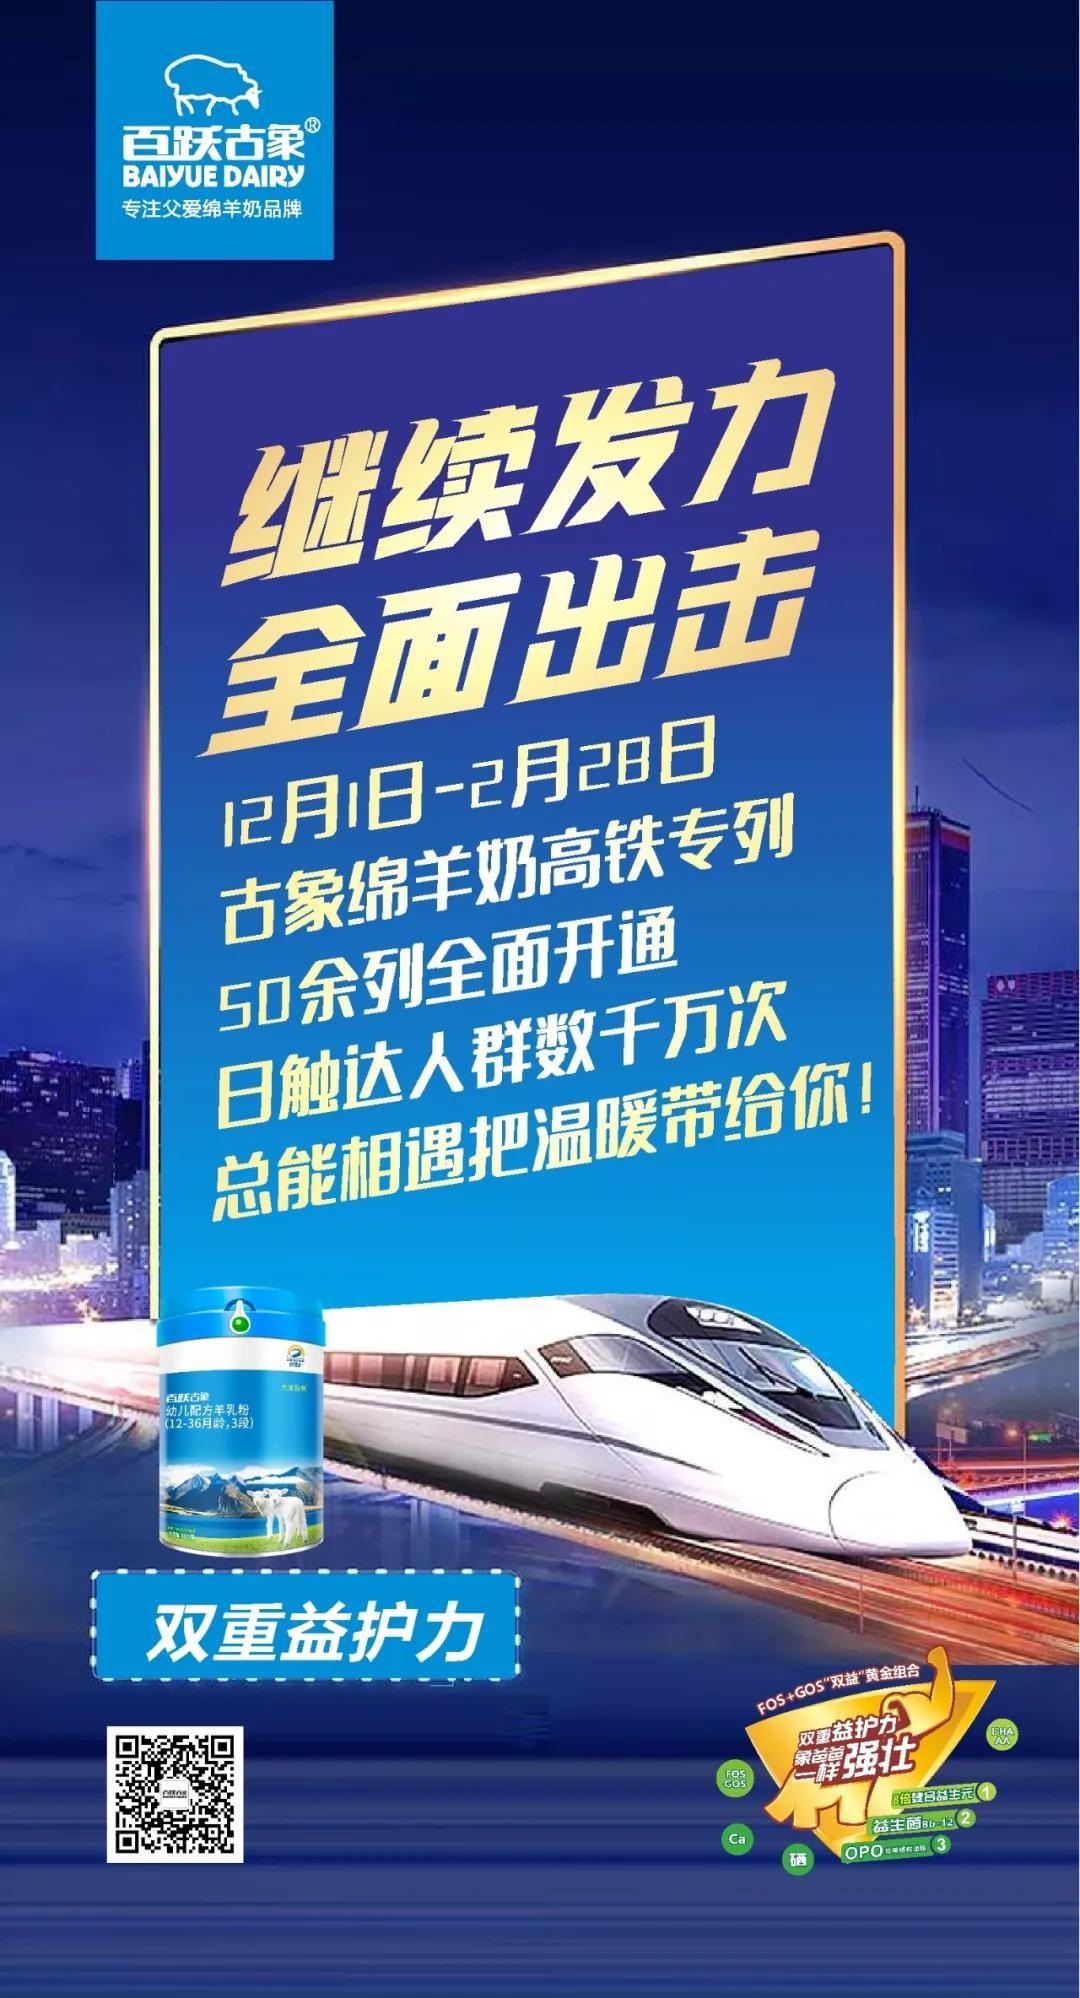 【喂爱启程】古象羊奶粉高铁专列50余列全面启程!2021,有它陪你一起回家!